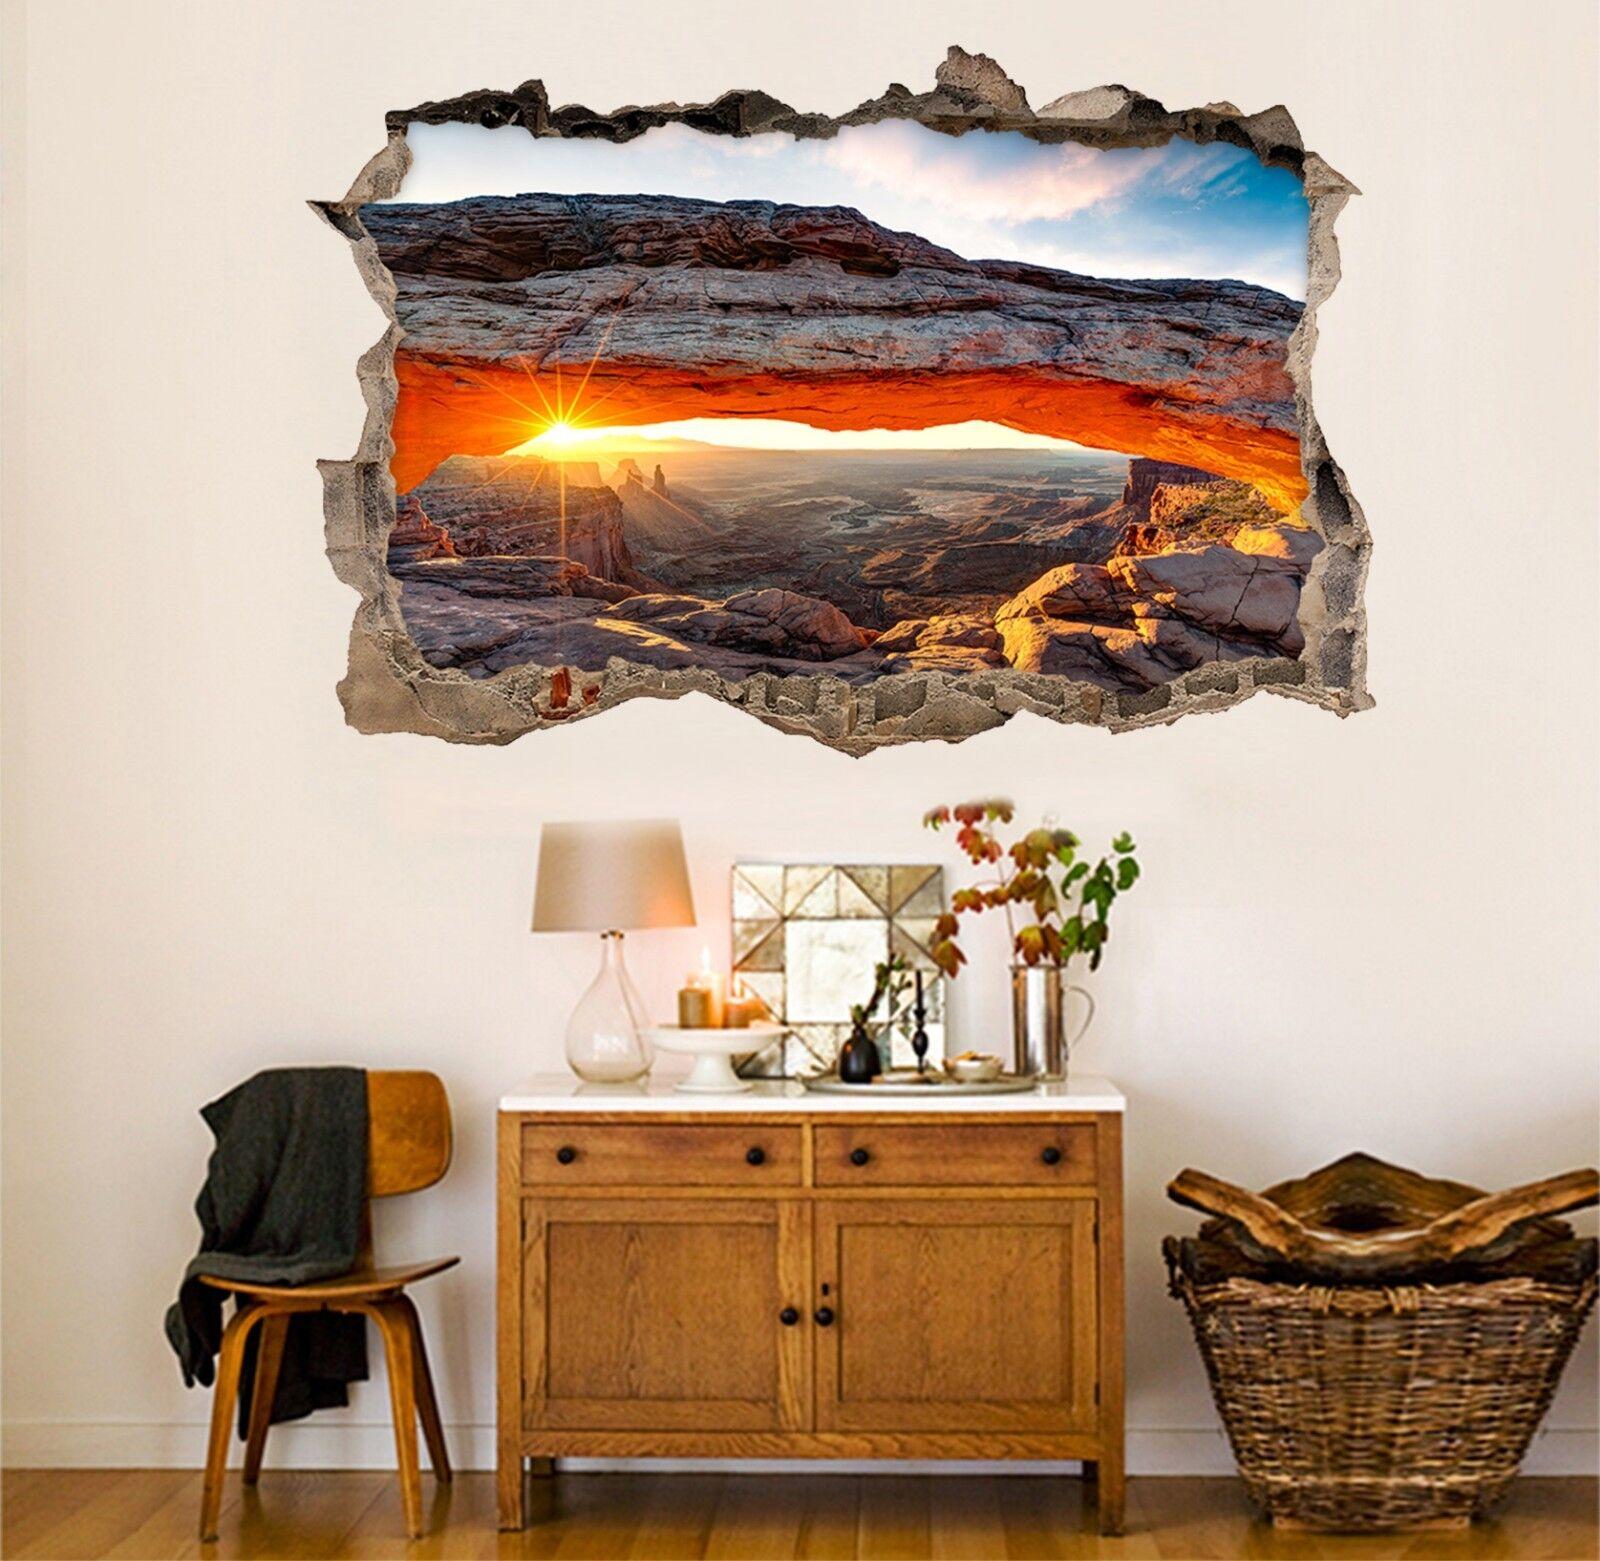 3D Höhlenansicht 24 Mauer Murals Mauer Aufklebe Decal Durchbruch AJ WALLPAPER DE